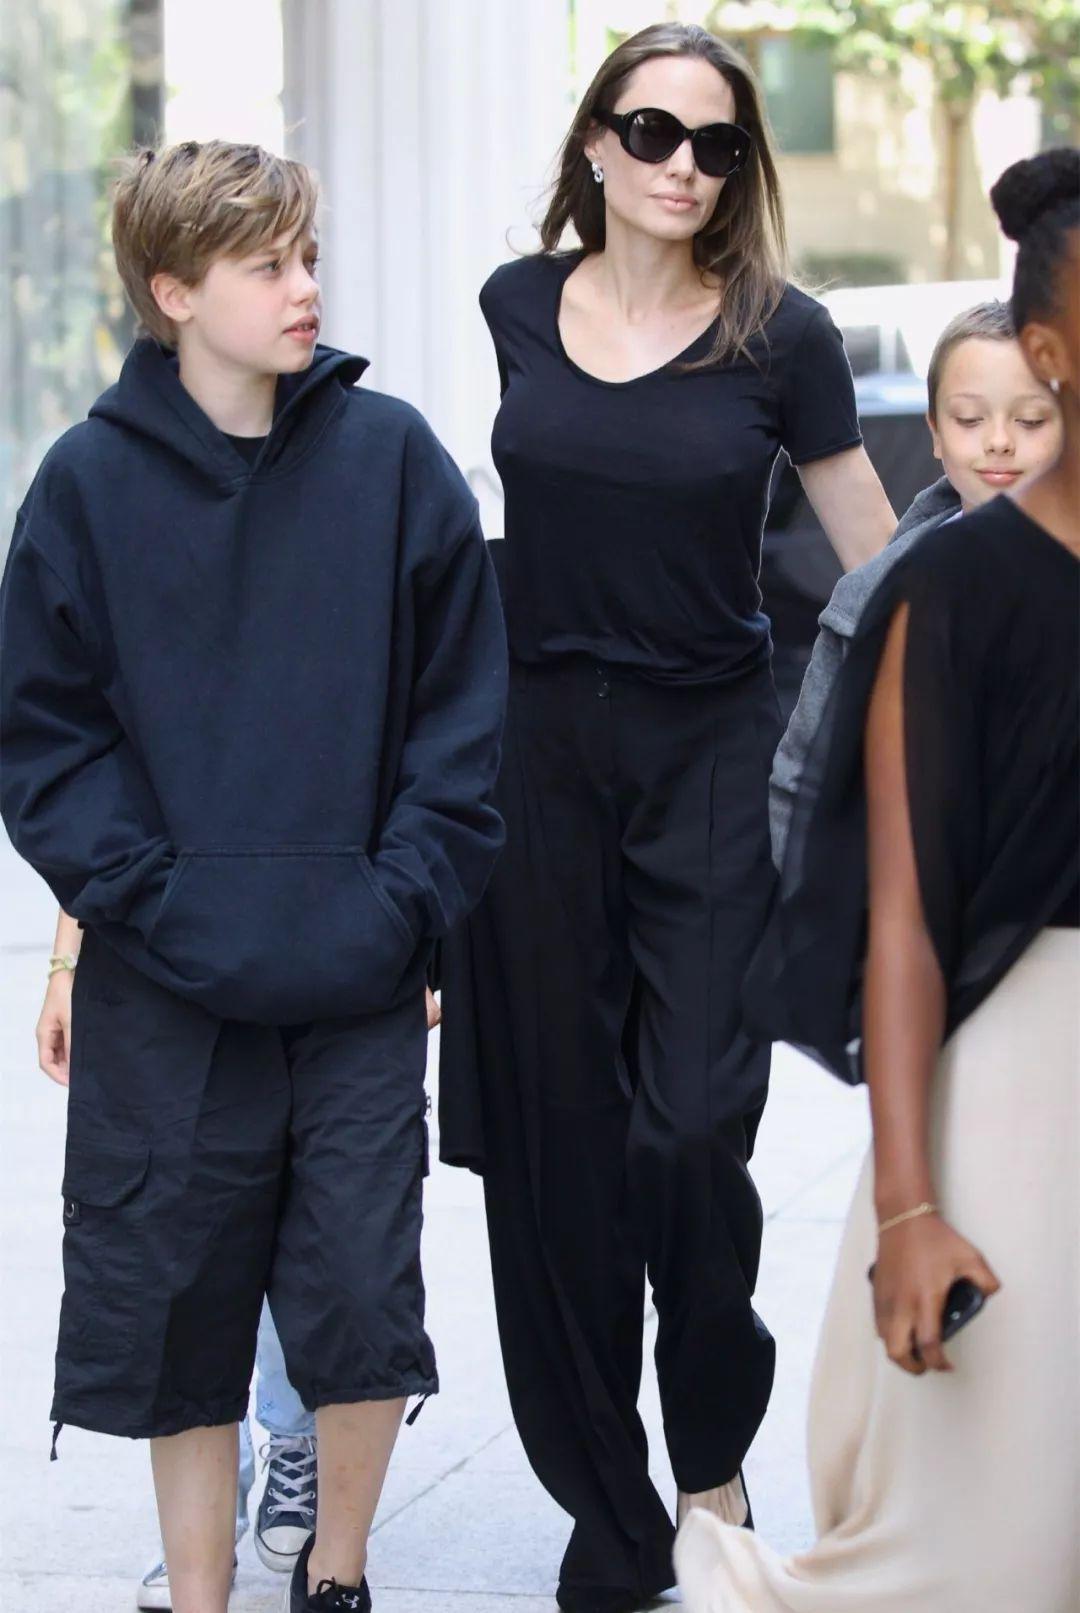 朱莉带4个孩子出门逛街,网友:3个孩子都很像她!